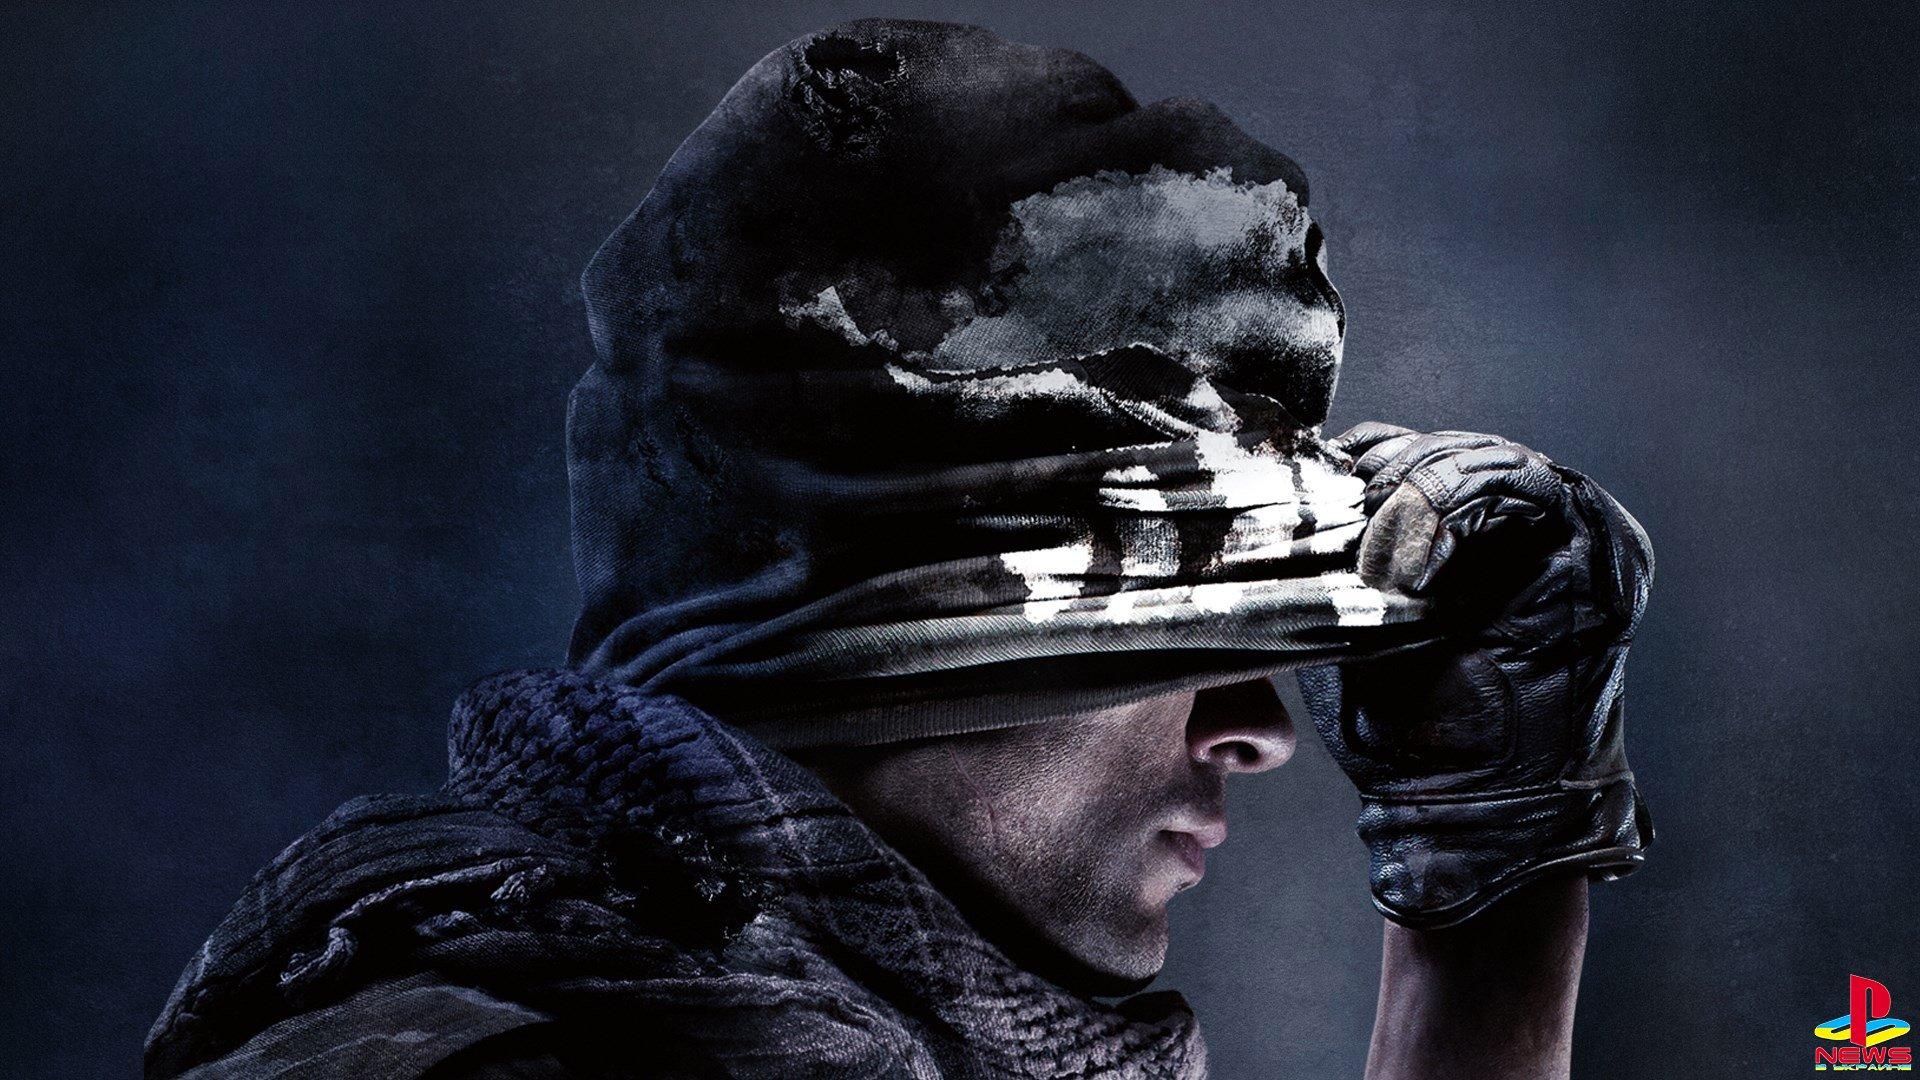 Актер озвучки Гоуста в Call of Duty не вернется к своей роли из‑за обвинений в сексизме